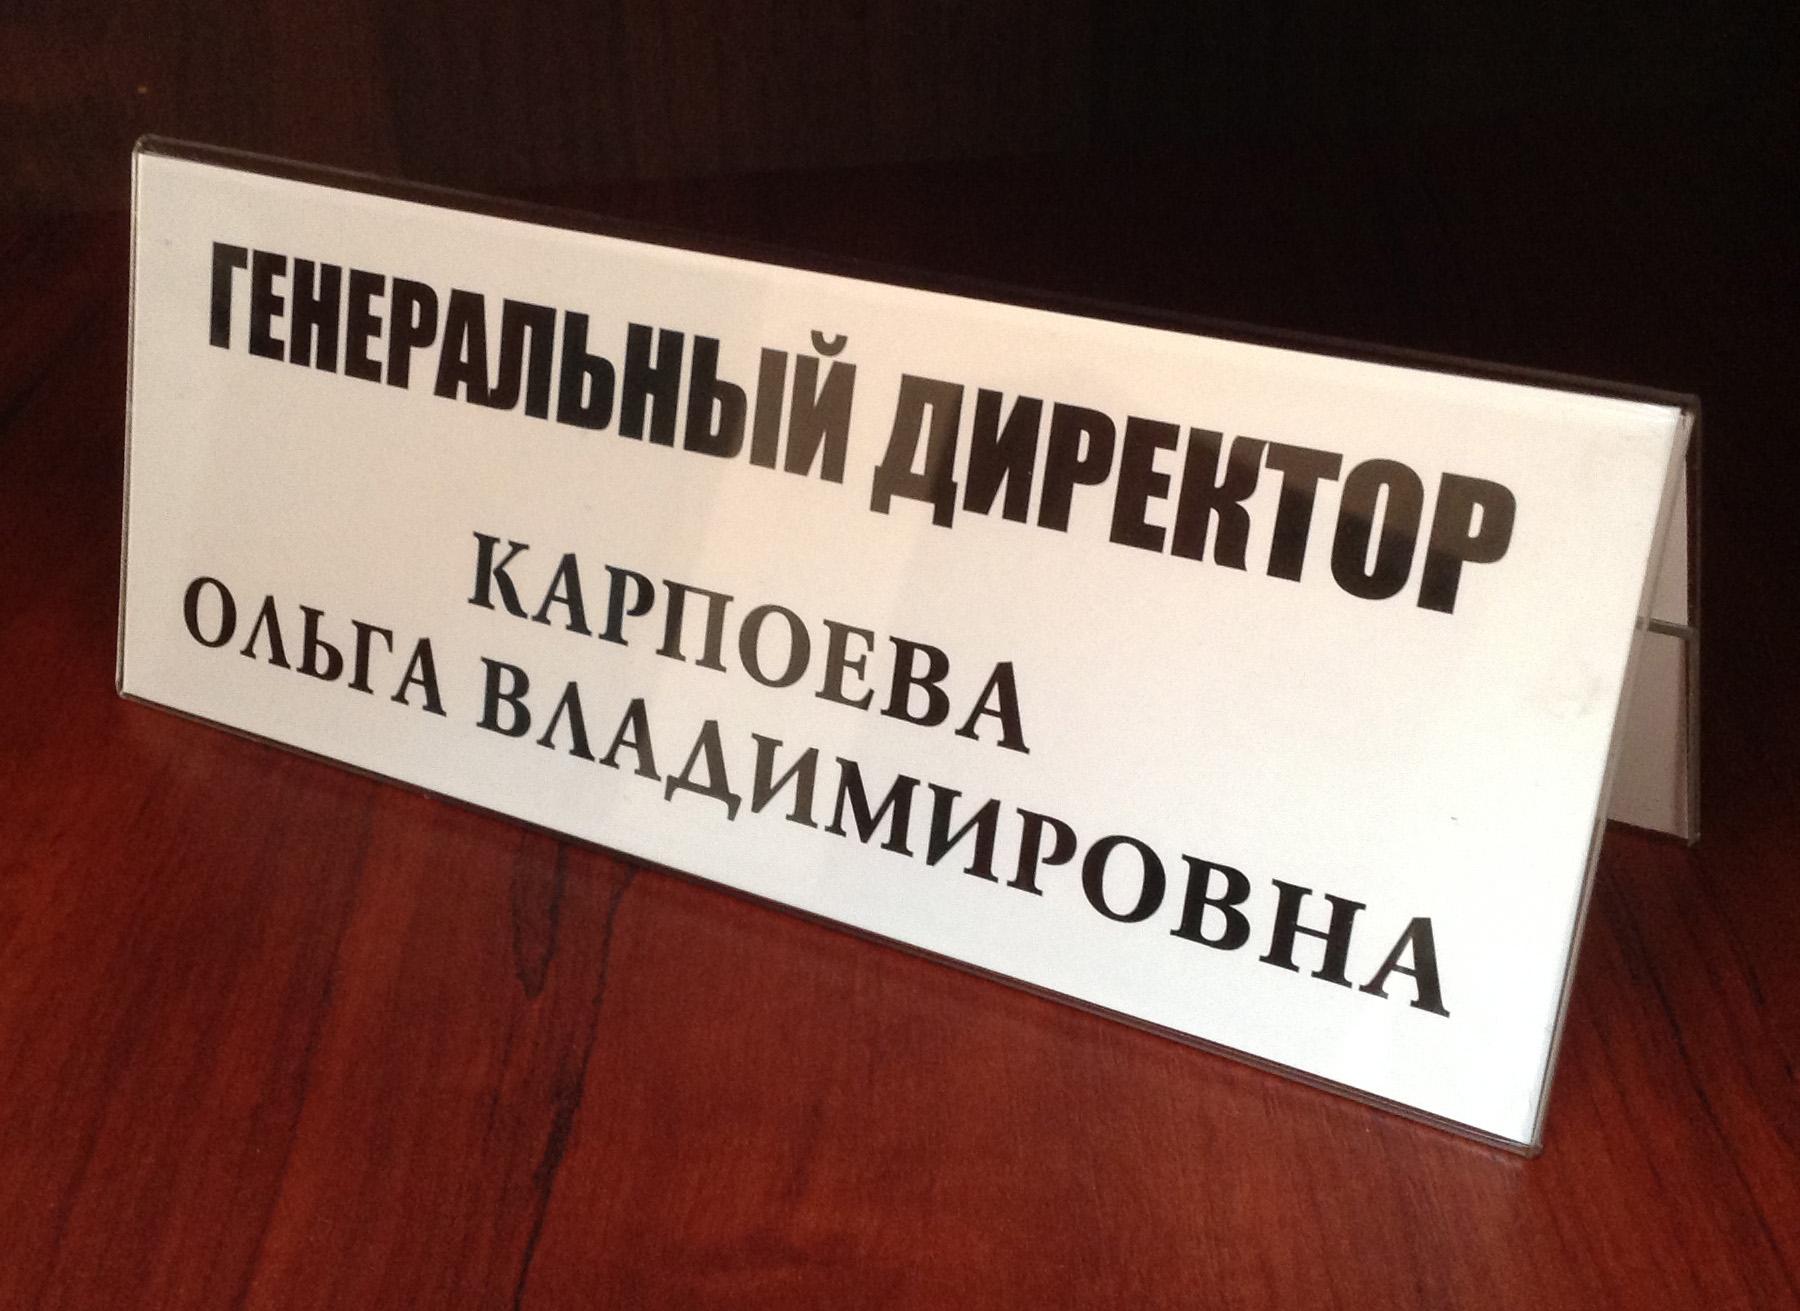 Настольная табличка для конференций